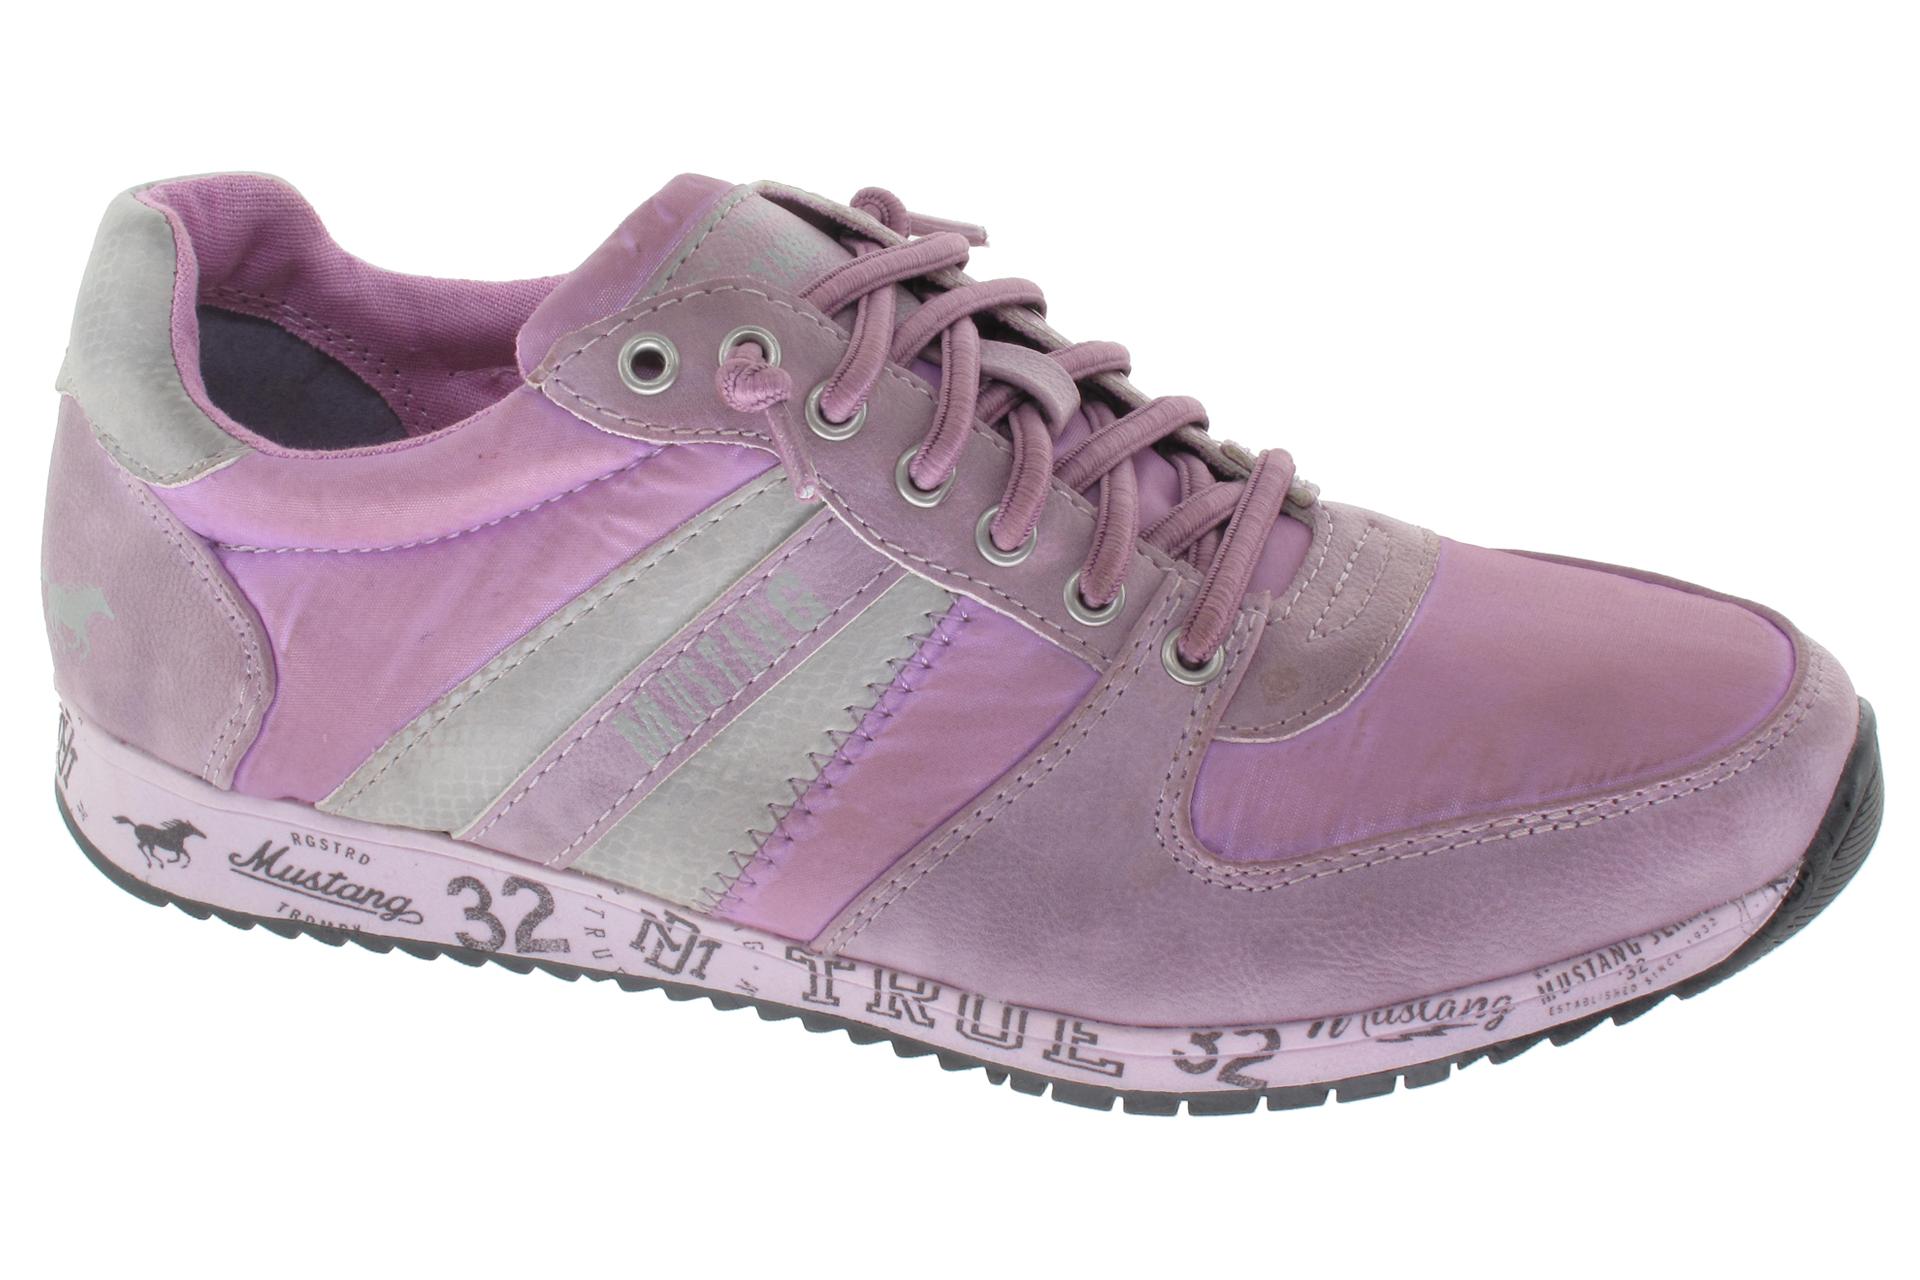 604e6022d5d MUSTANG Tenisky dámské růžové   SHOEMAKER